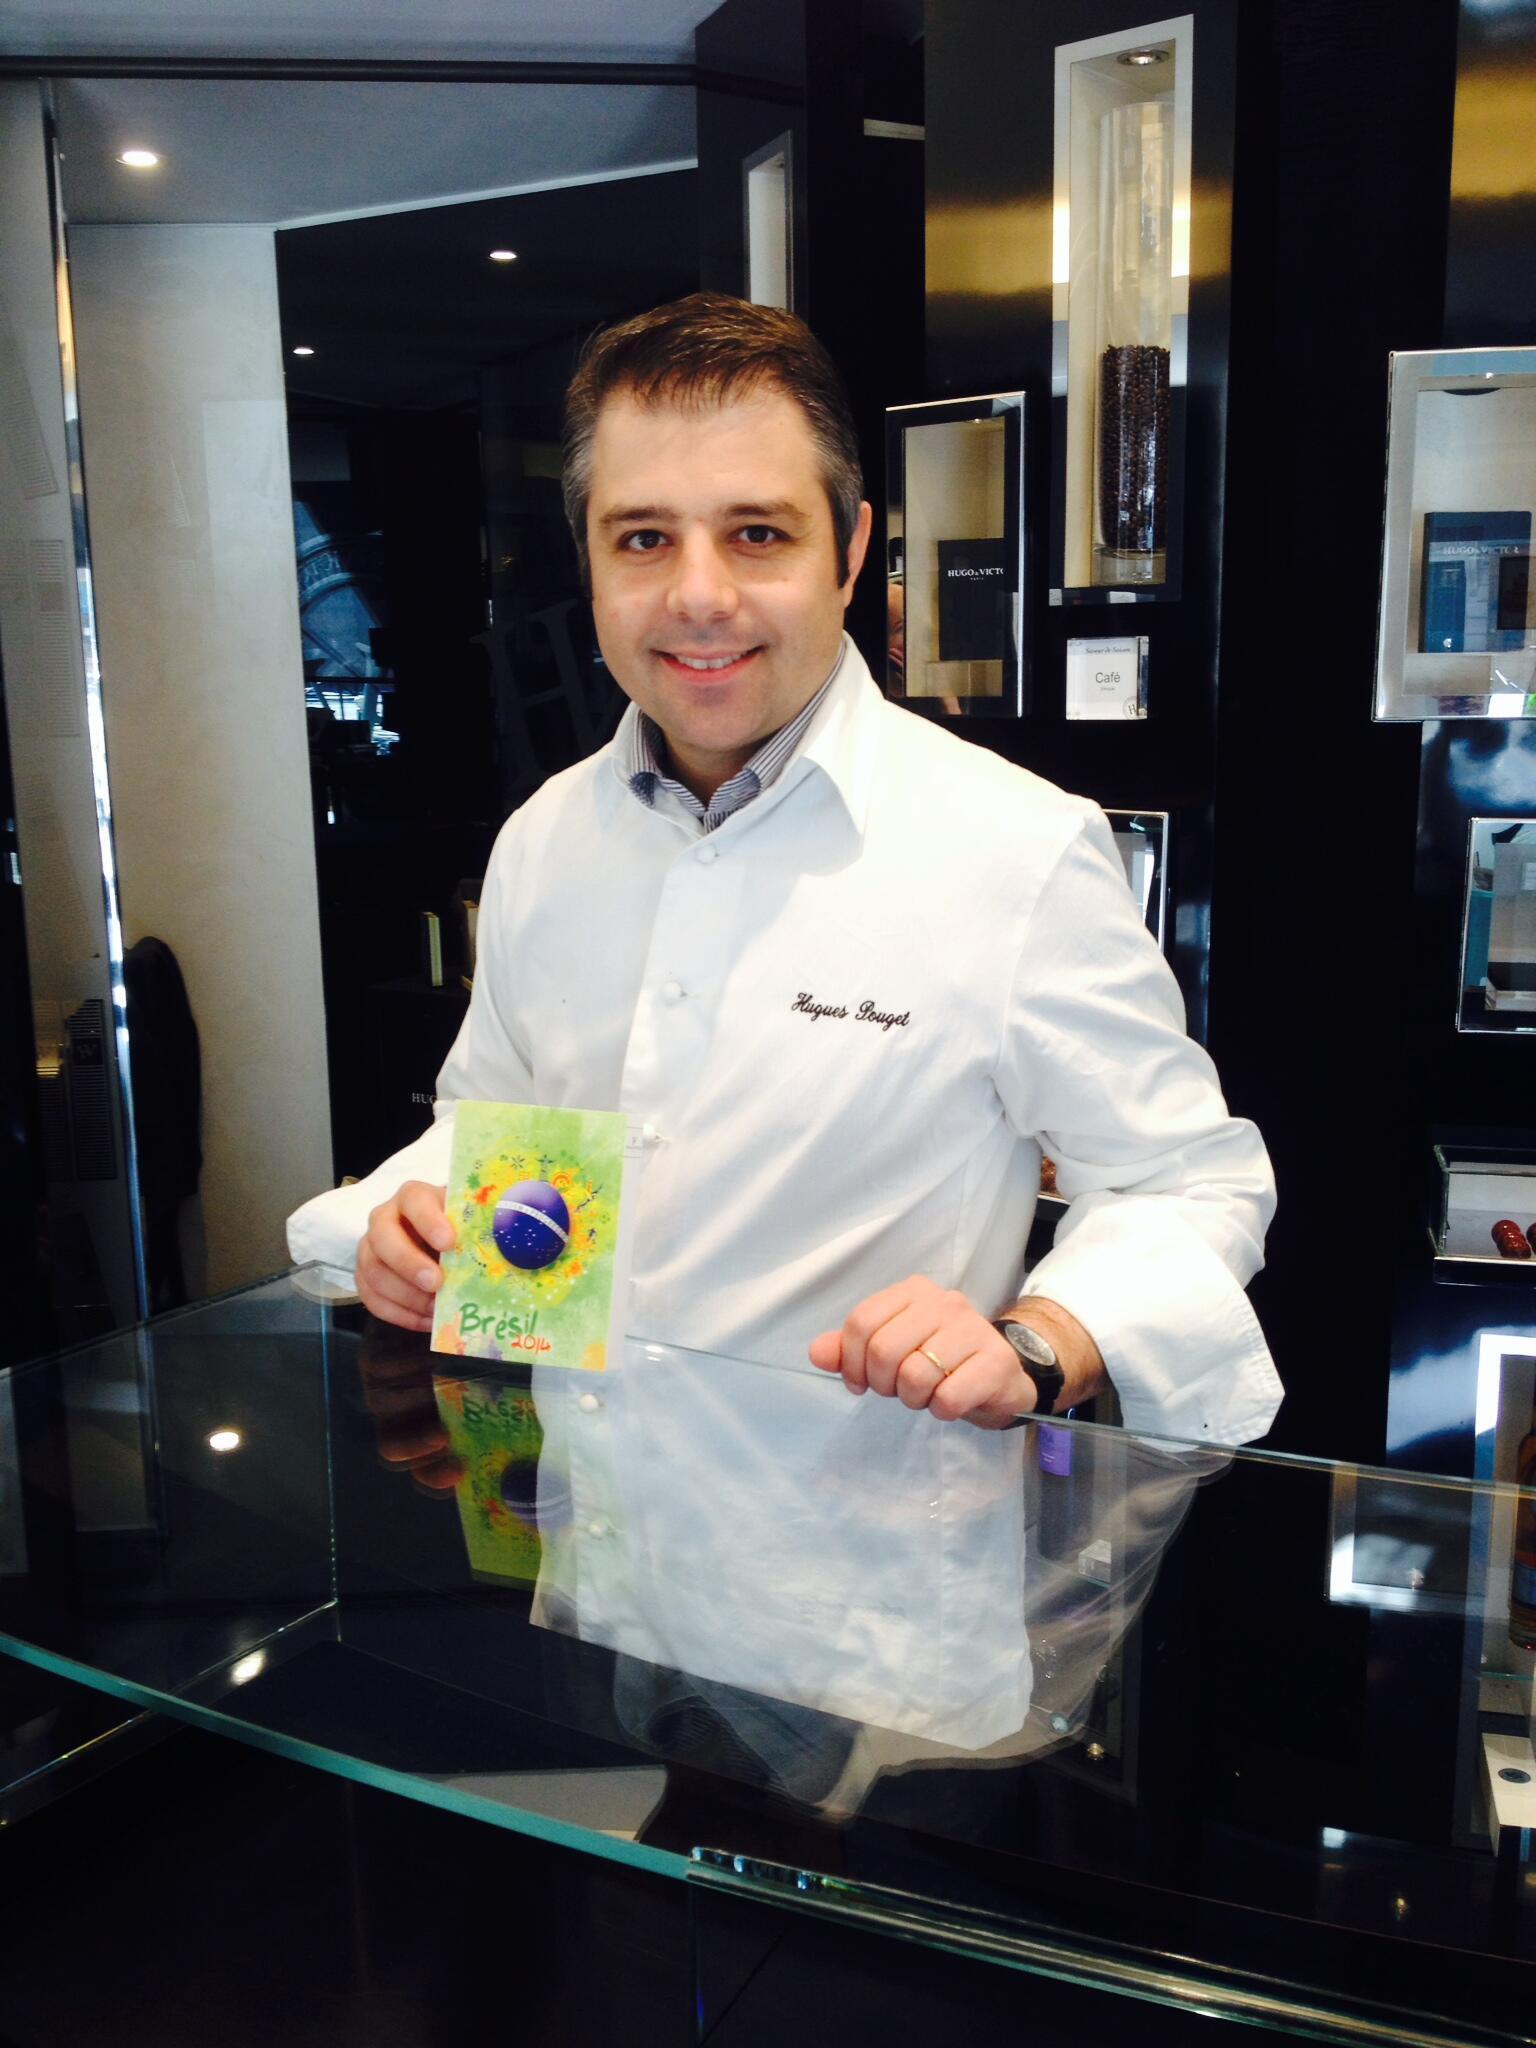 O chef  francês Hugues Pouget criou chocolates especiais com sabores brasileiros.